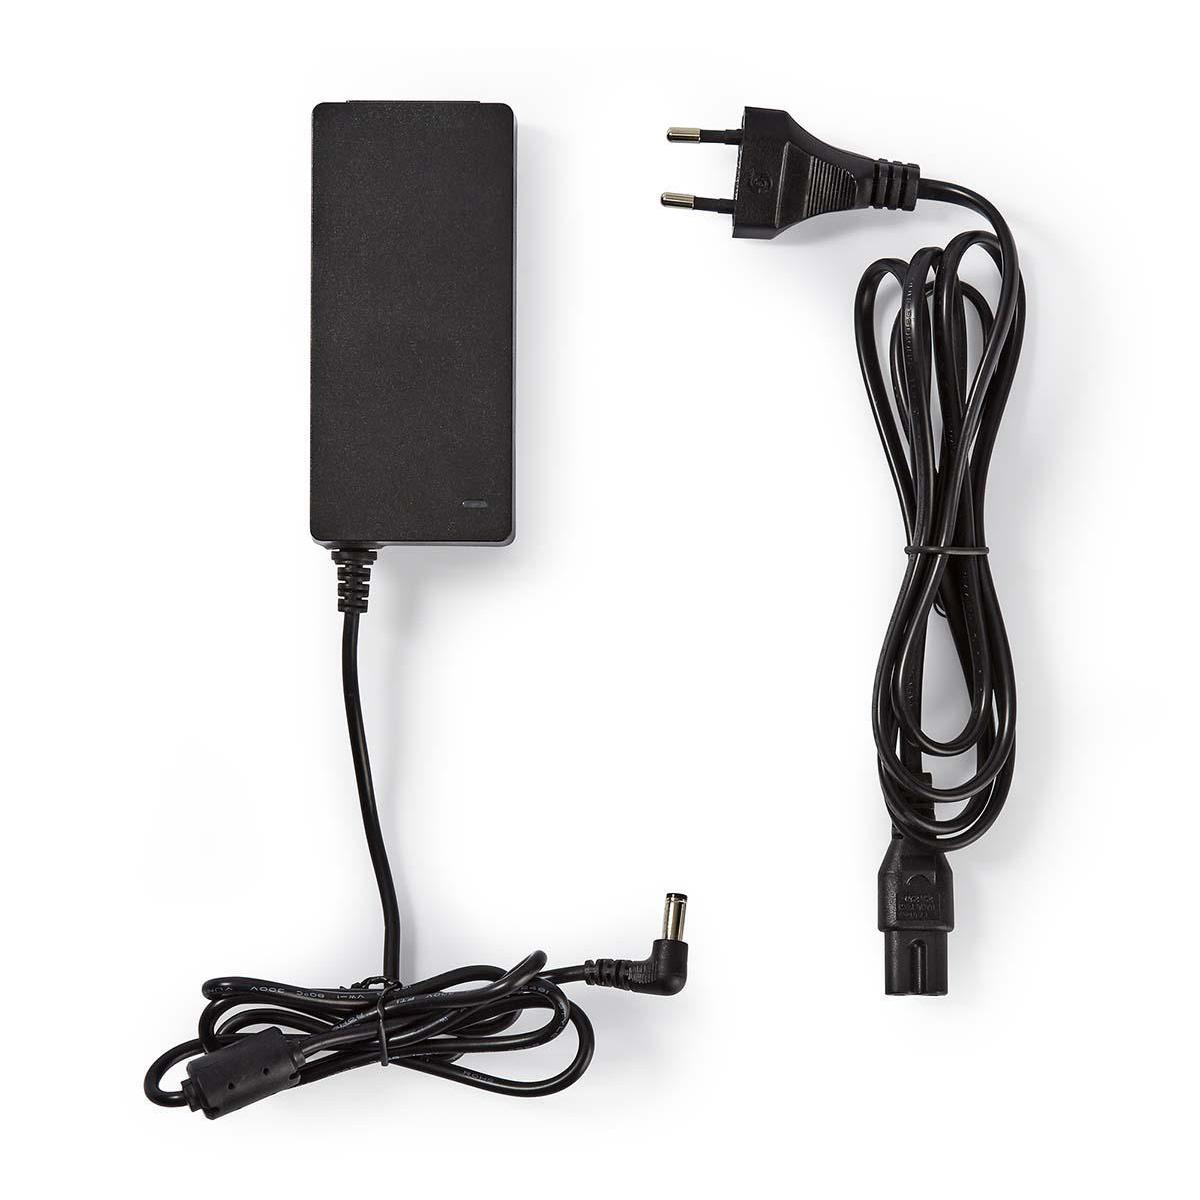 Non si tratta di un adattatore CCTV standard: questo adattatore è progettato specificamente per i sistemi TVCC che richiedono elevati requisiti di alimentazione. Laddove gli adattatori standard raramente forniscono energia sufficiente per l'uso con TVCC,